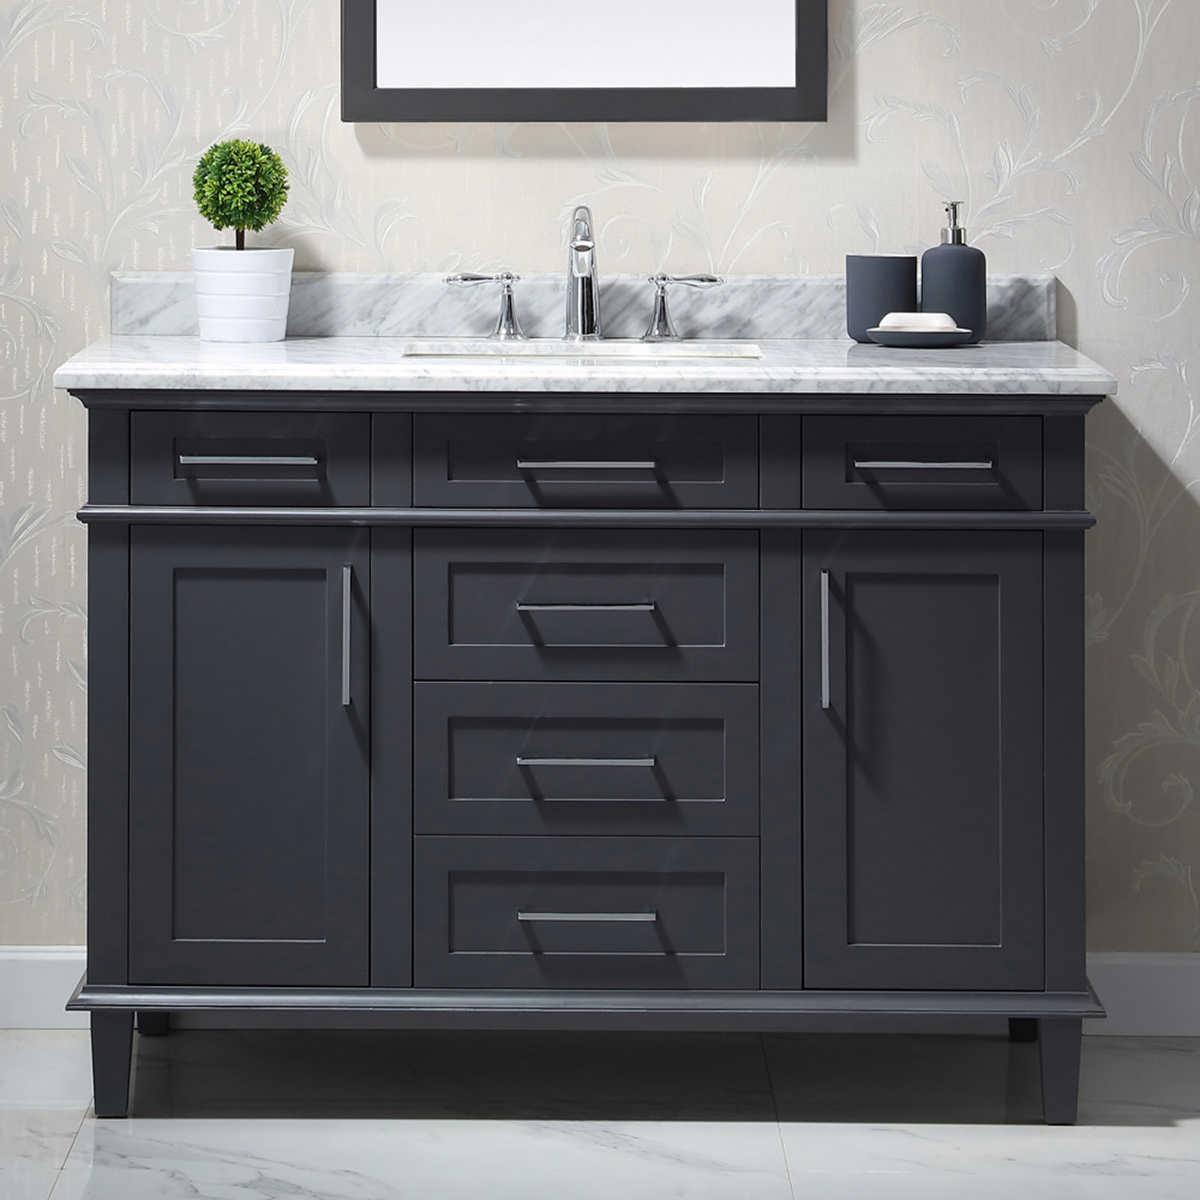 vanities  costco - bathroom vanity in dark grey with carrara marble counter top